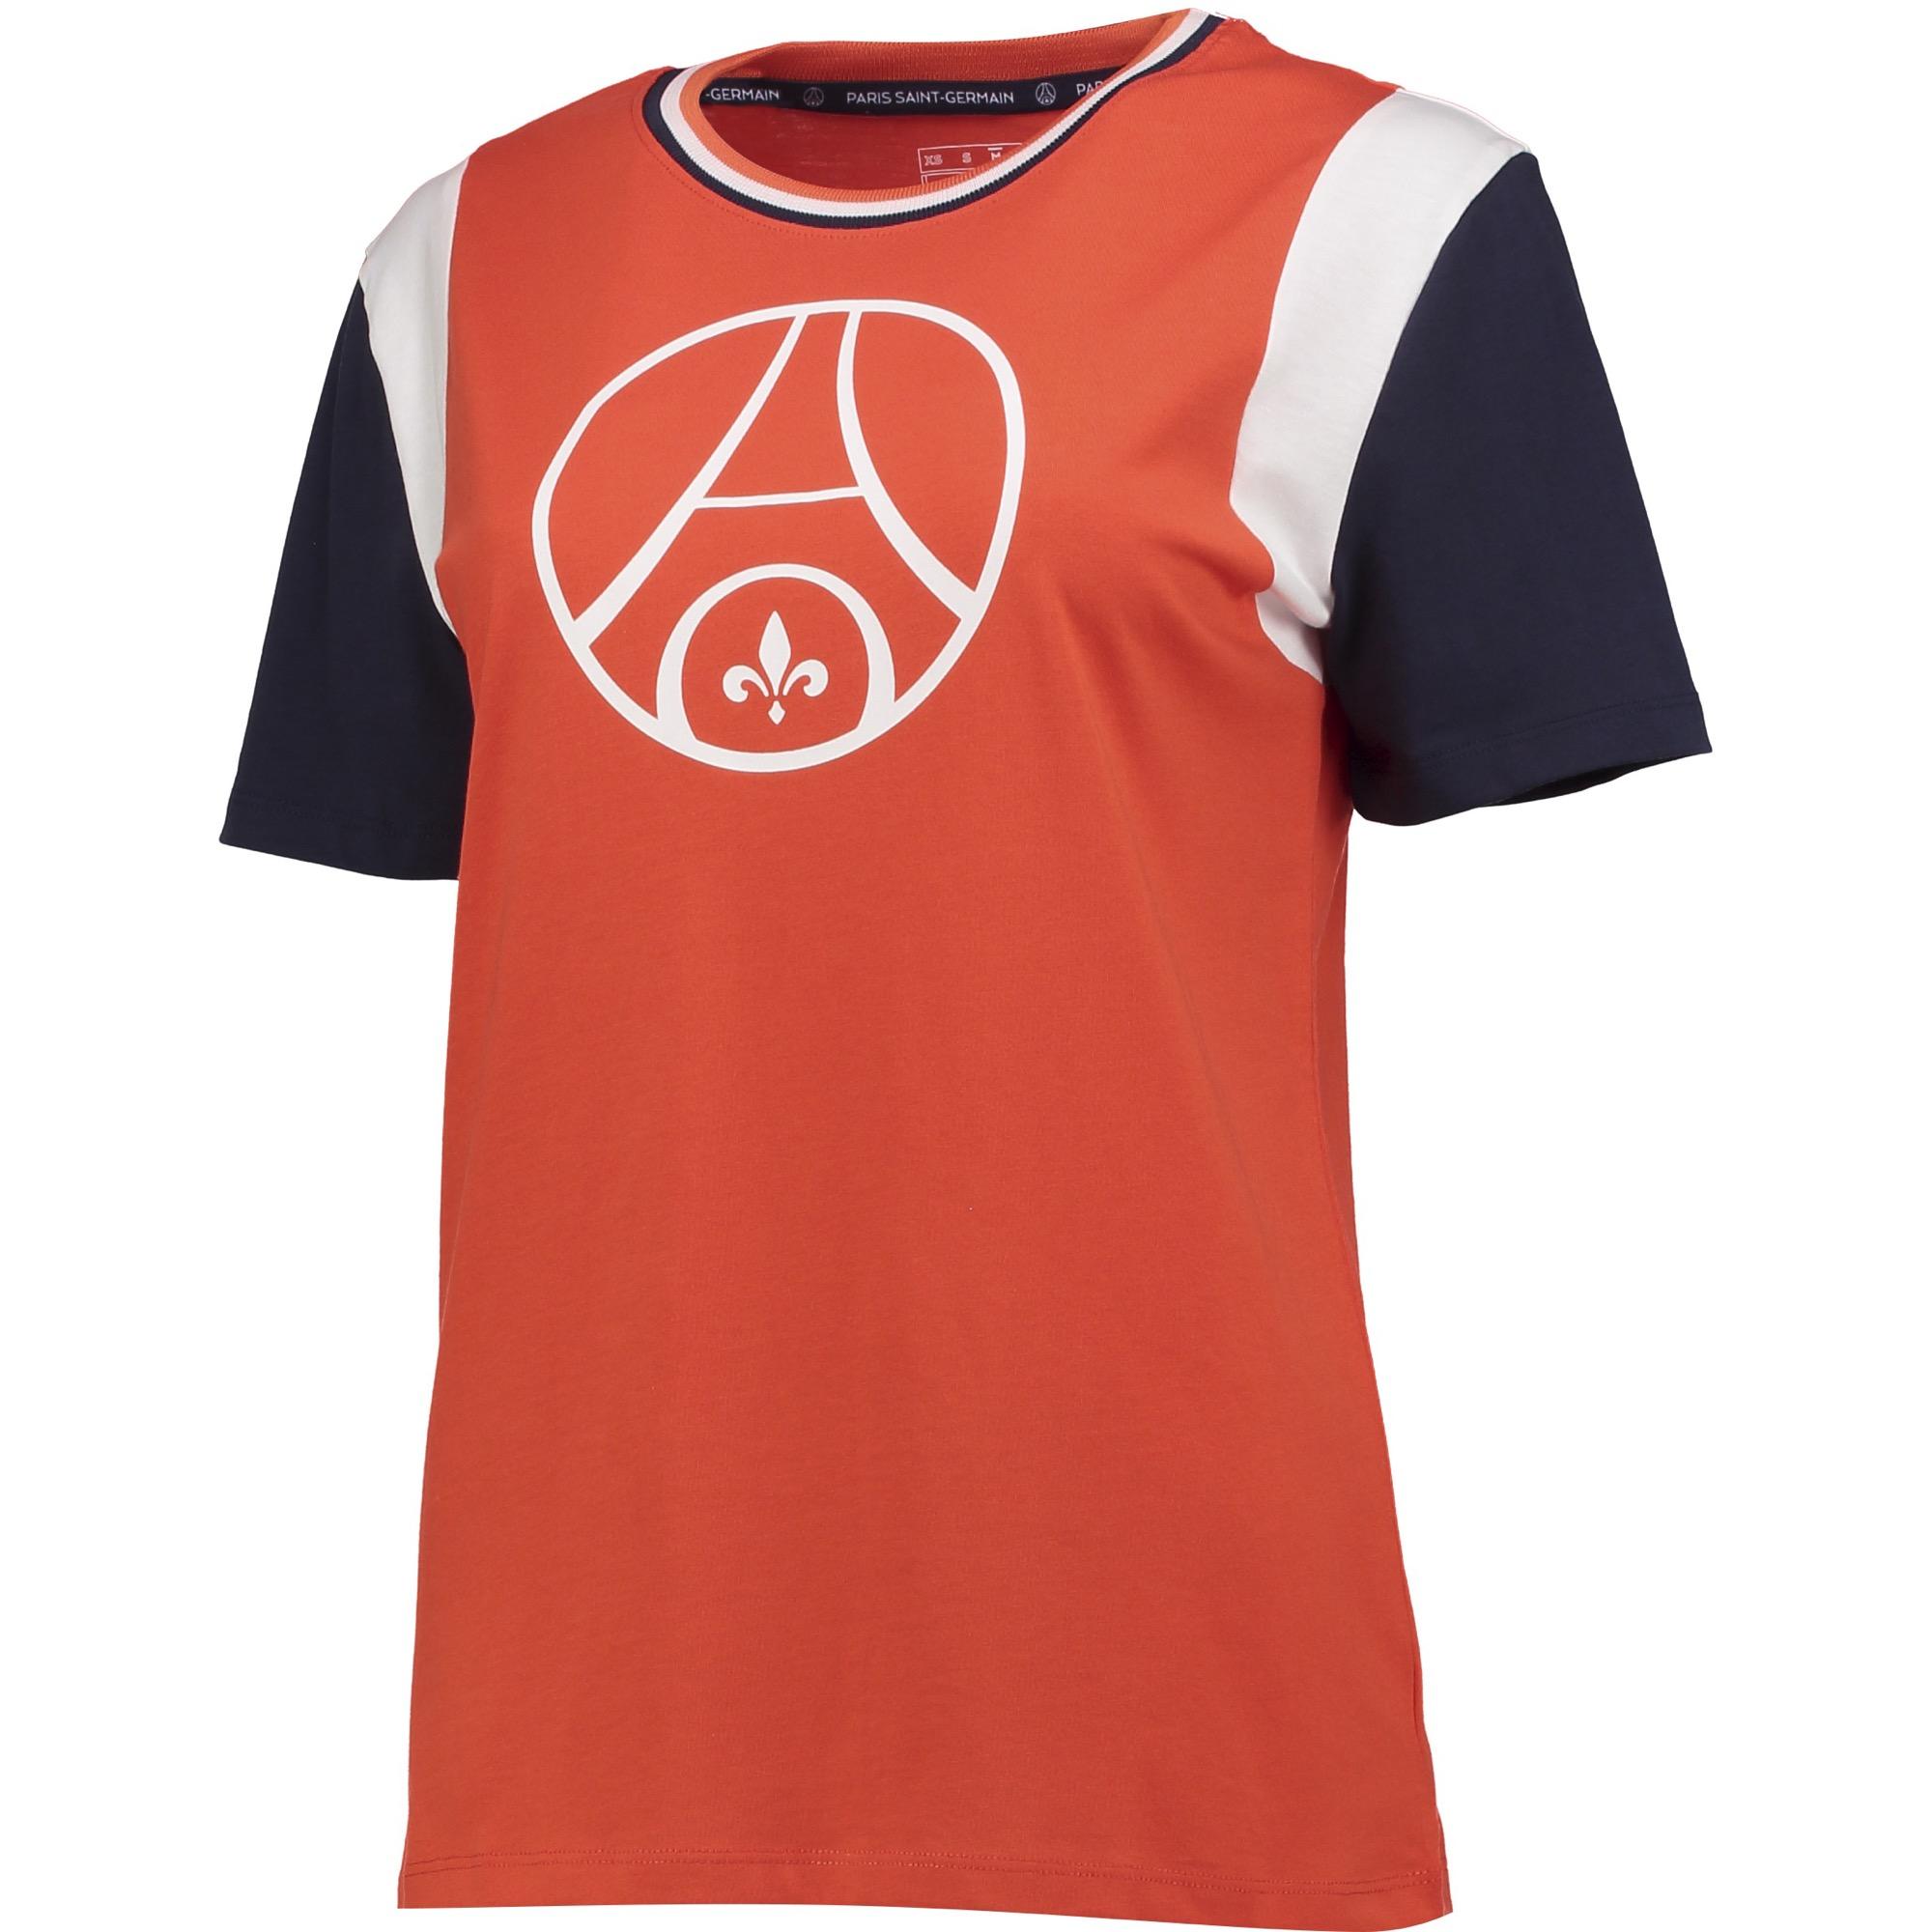 Camiseta Paris Saint-Germain Retro - Rojo - Mujer